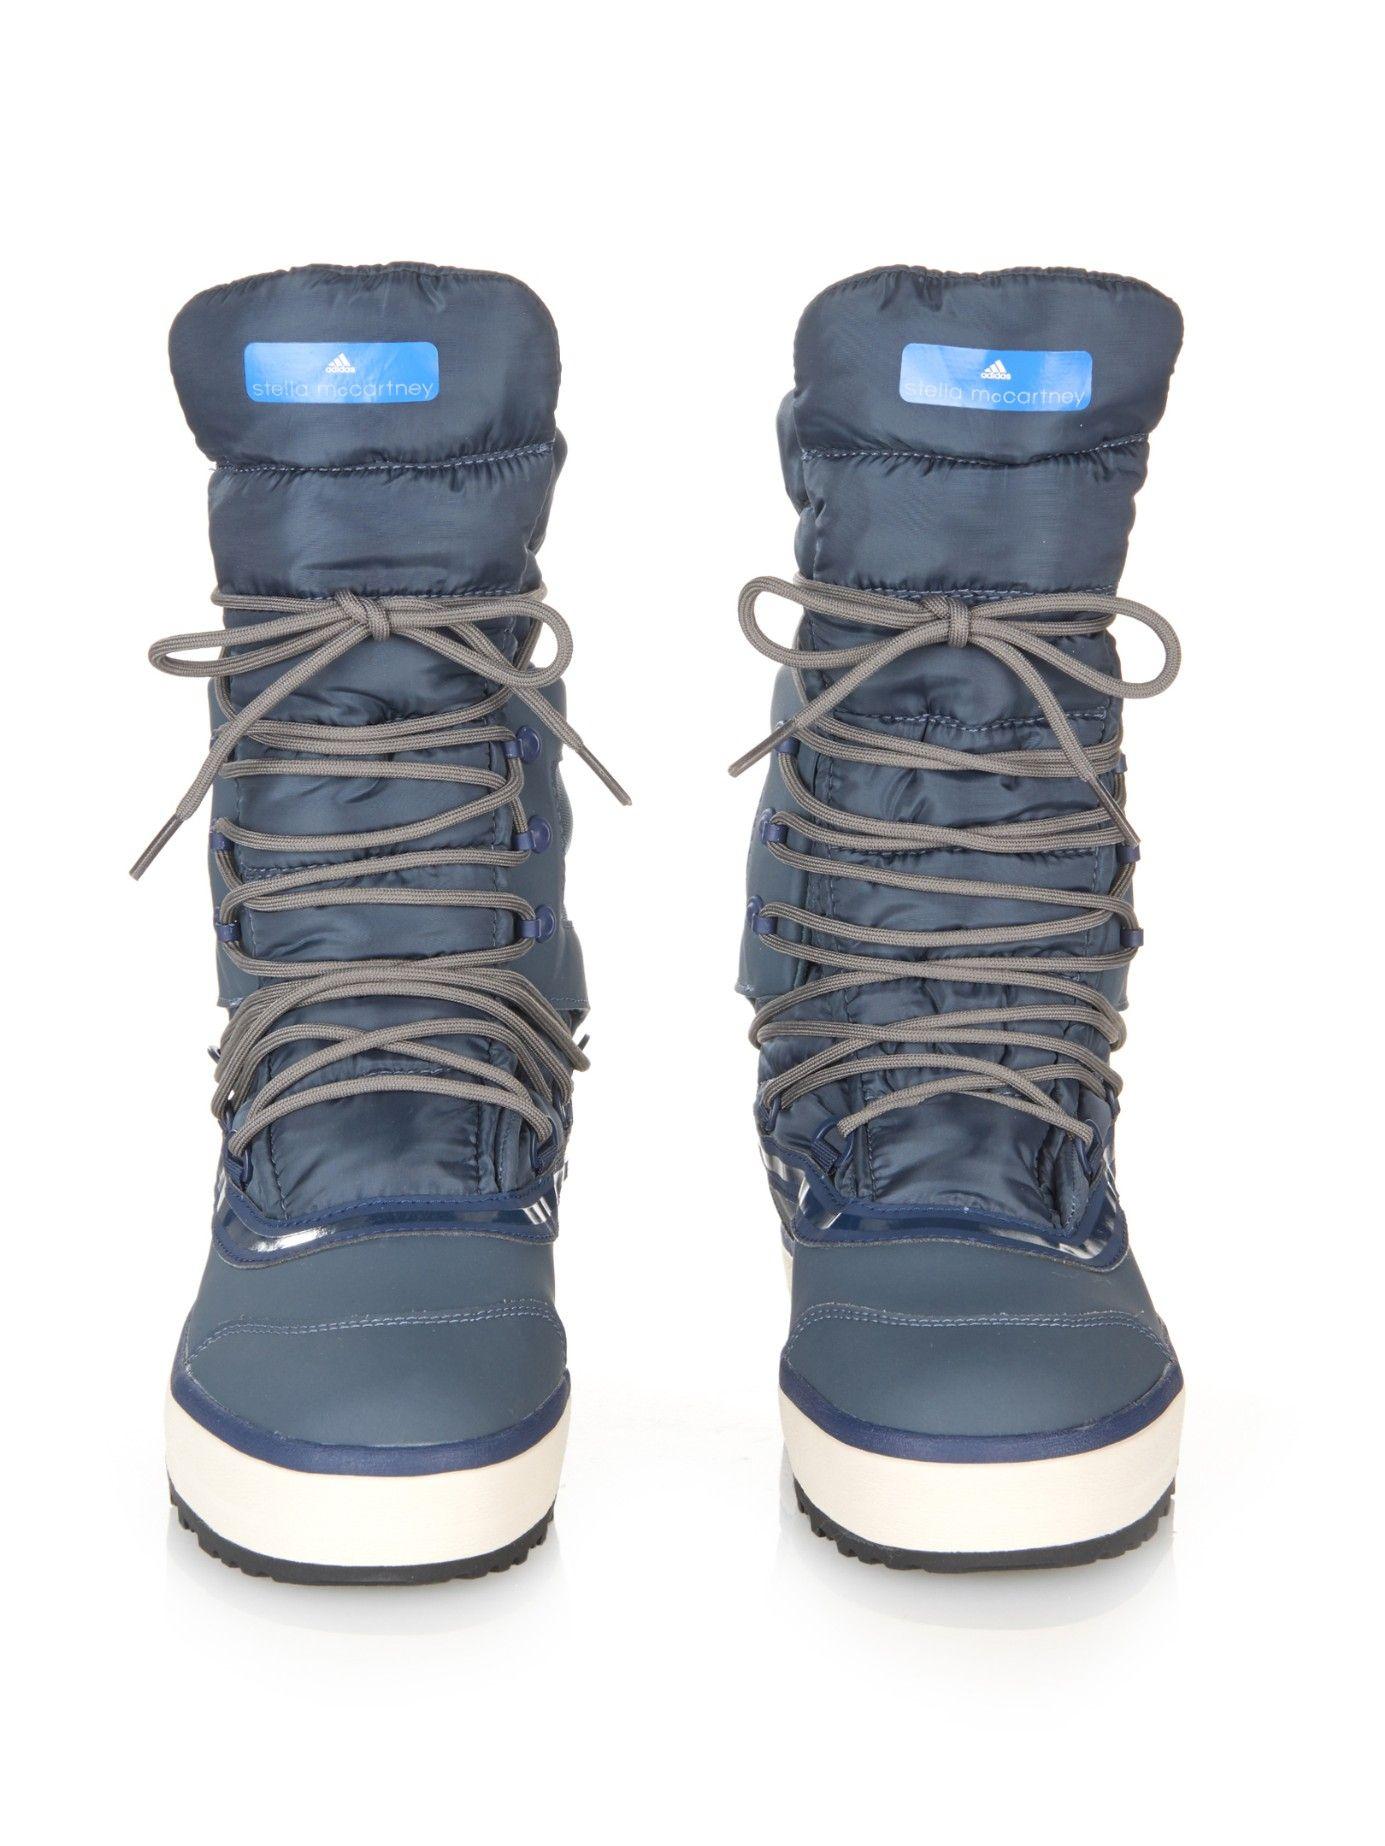 Nangator snow boots   Adidas By Stella McCartney